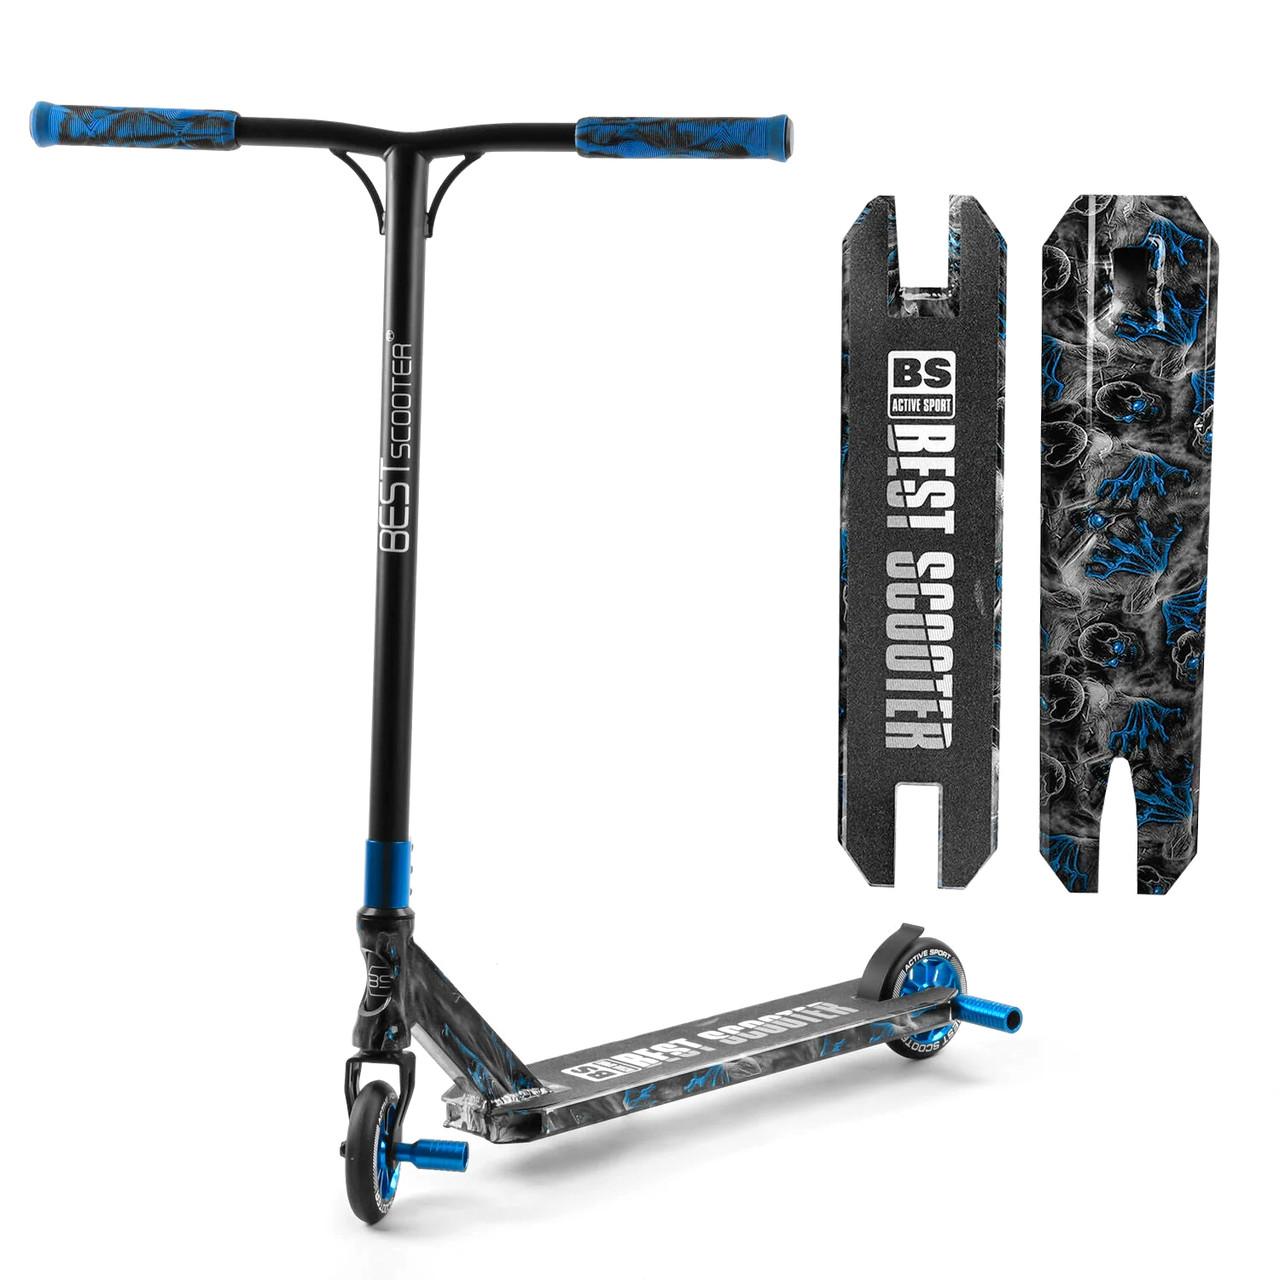 Детский трюковый самокат (пеги, алюминий, колеса PU 110 мм) Best Scooter BS-77566 Черный с синим